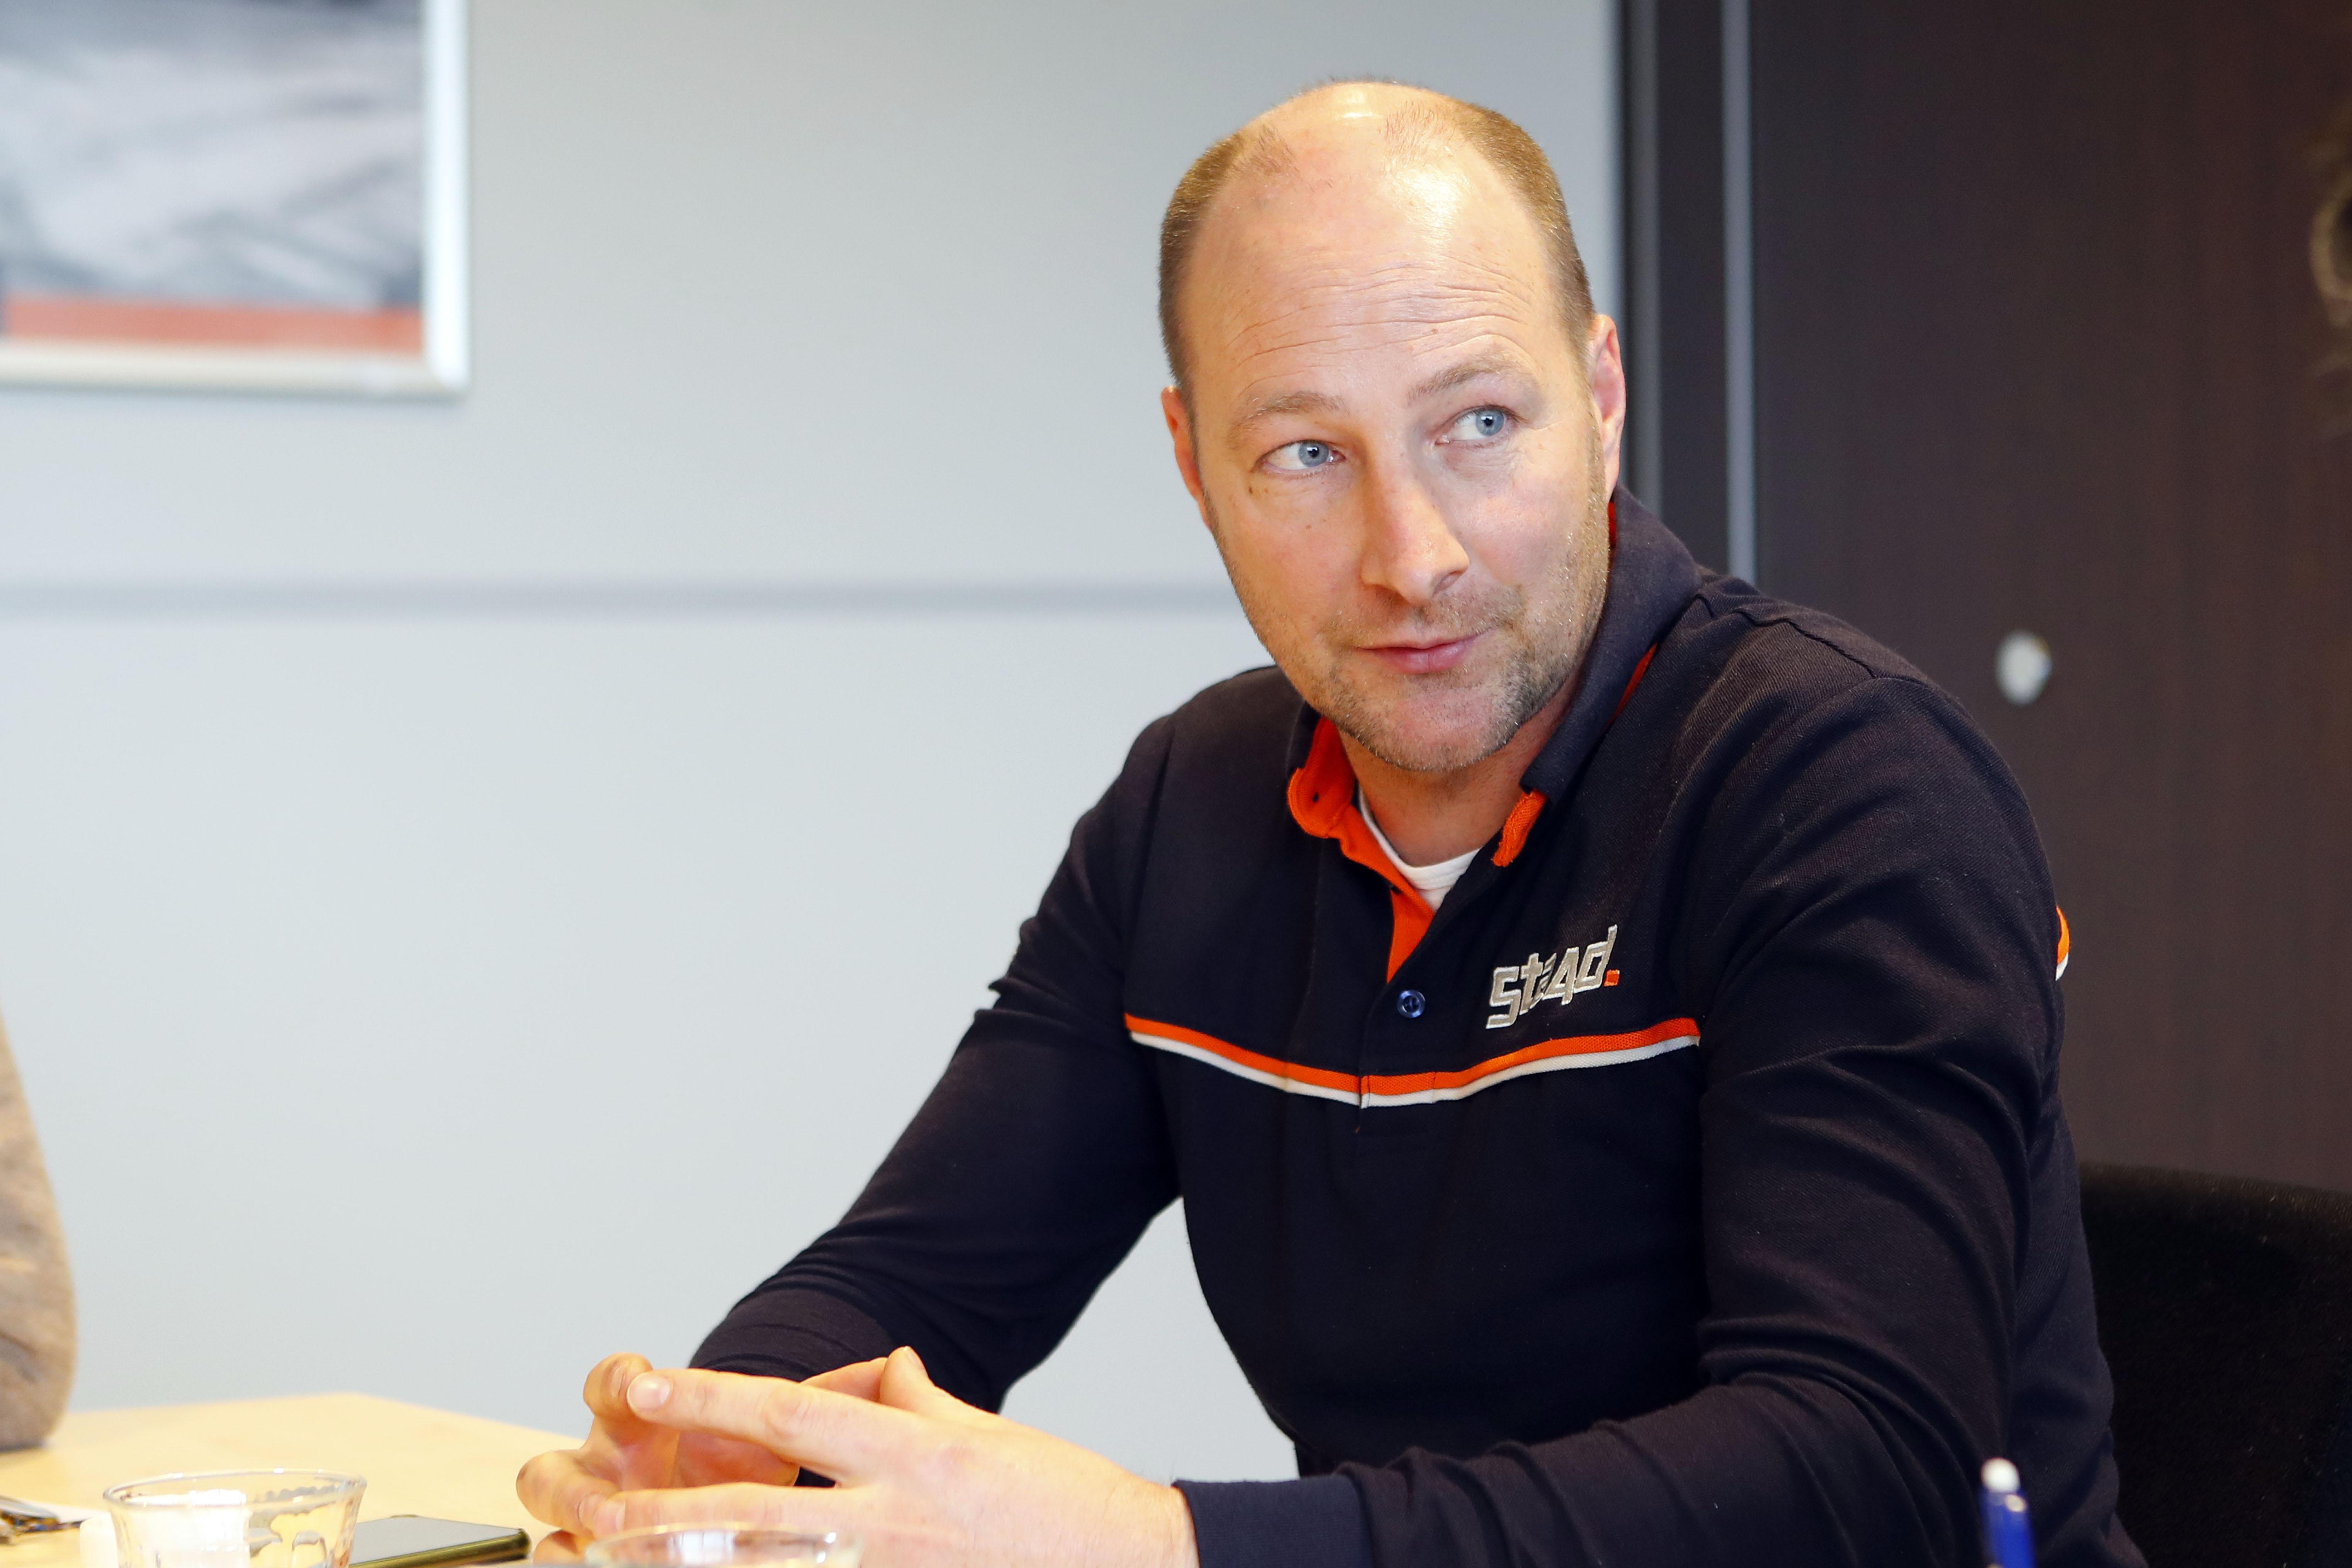 <p>Sijmen Staadegaard: 'Nederland is voor Doosan een interessante markt, waar zij een hoog marktaandeel heeft.'</p>